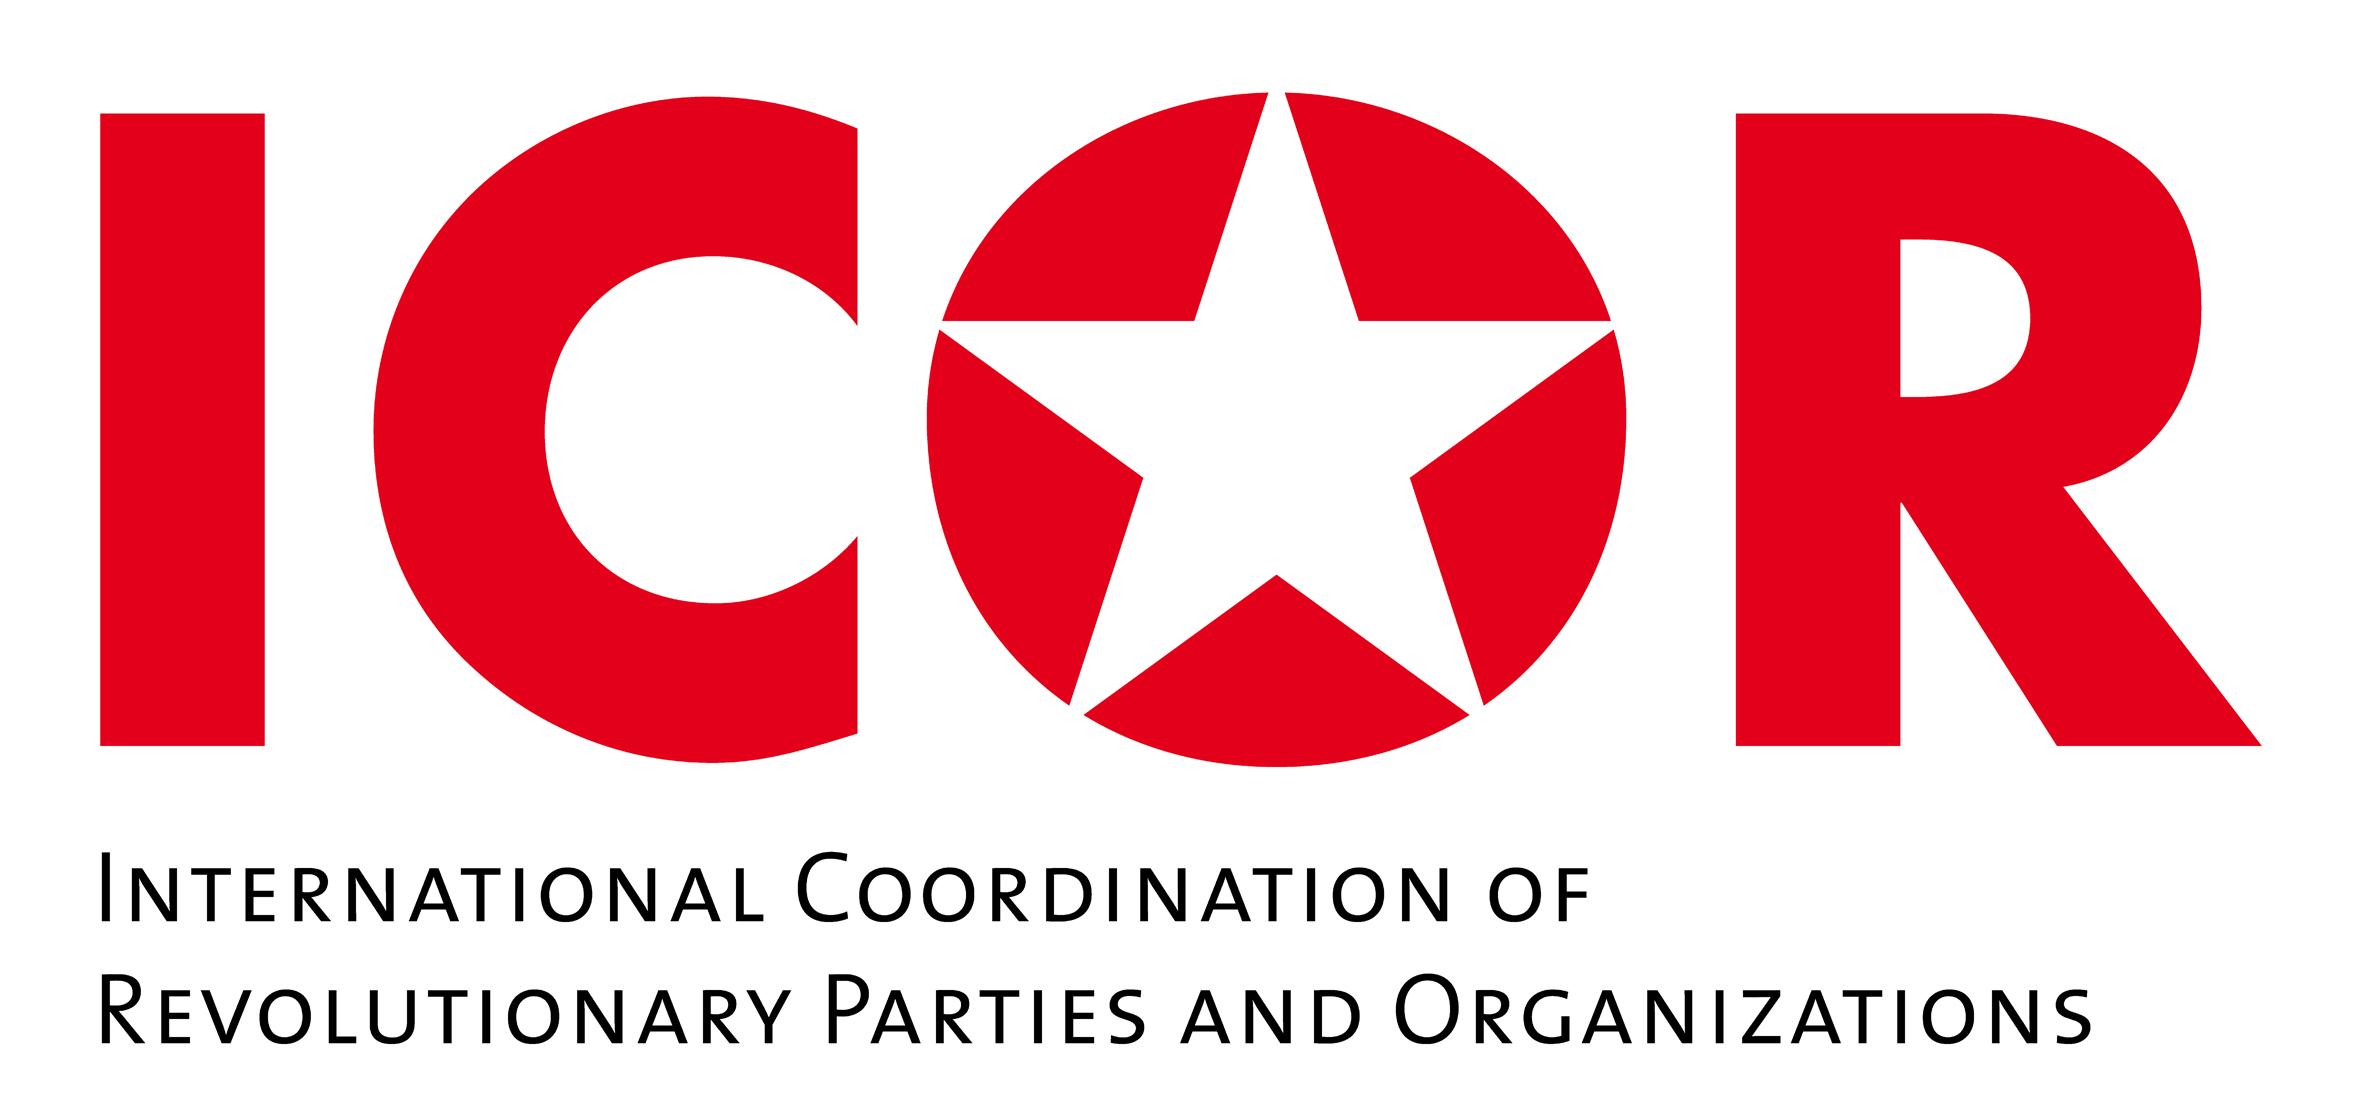 Дальнейшее развитие Пакта солидарности ИКОР с курдской освободительной борьбой